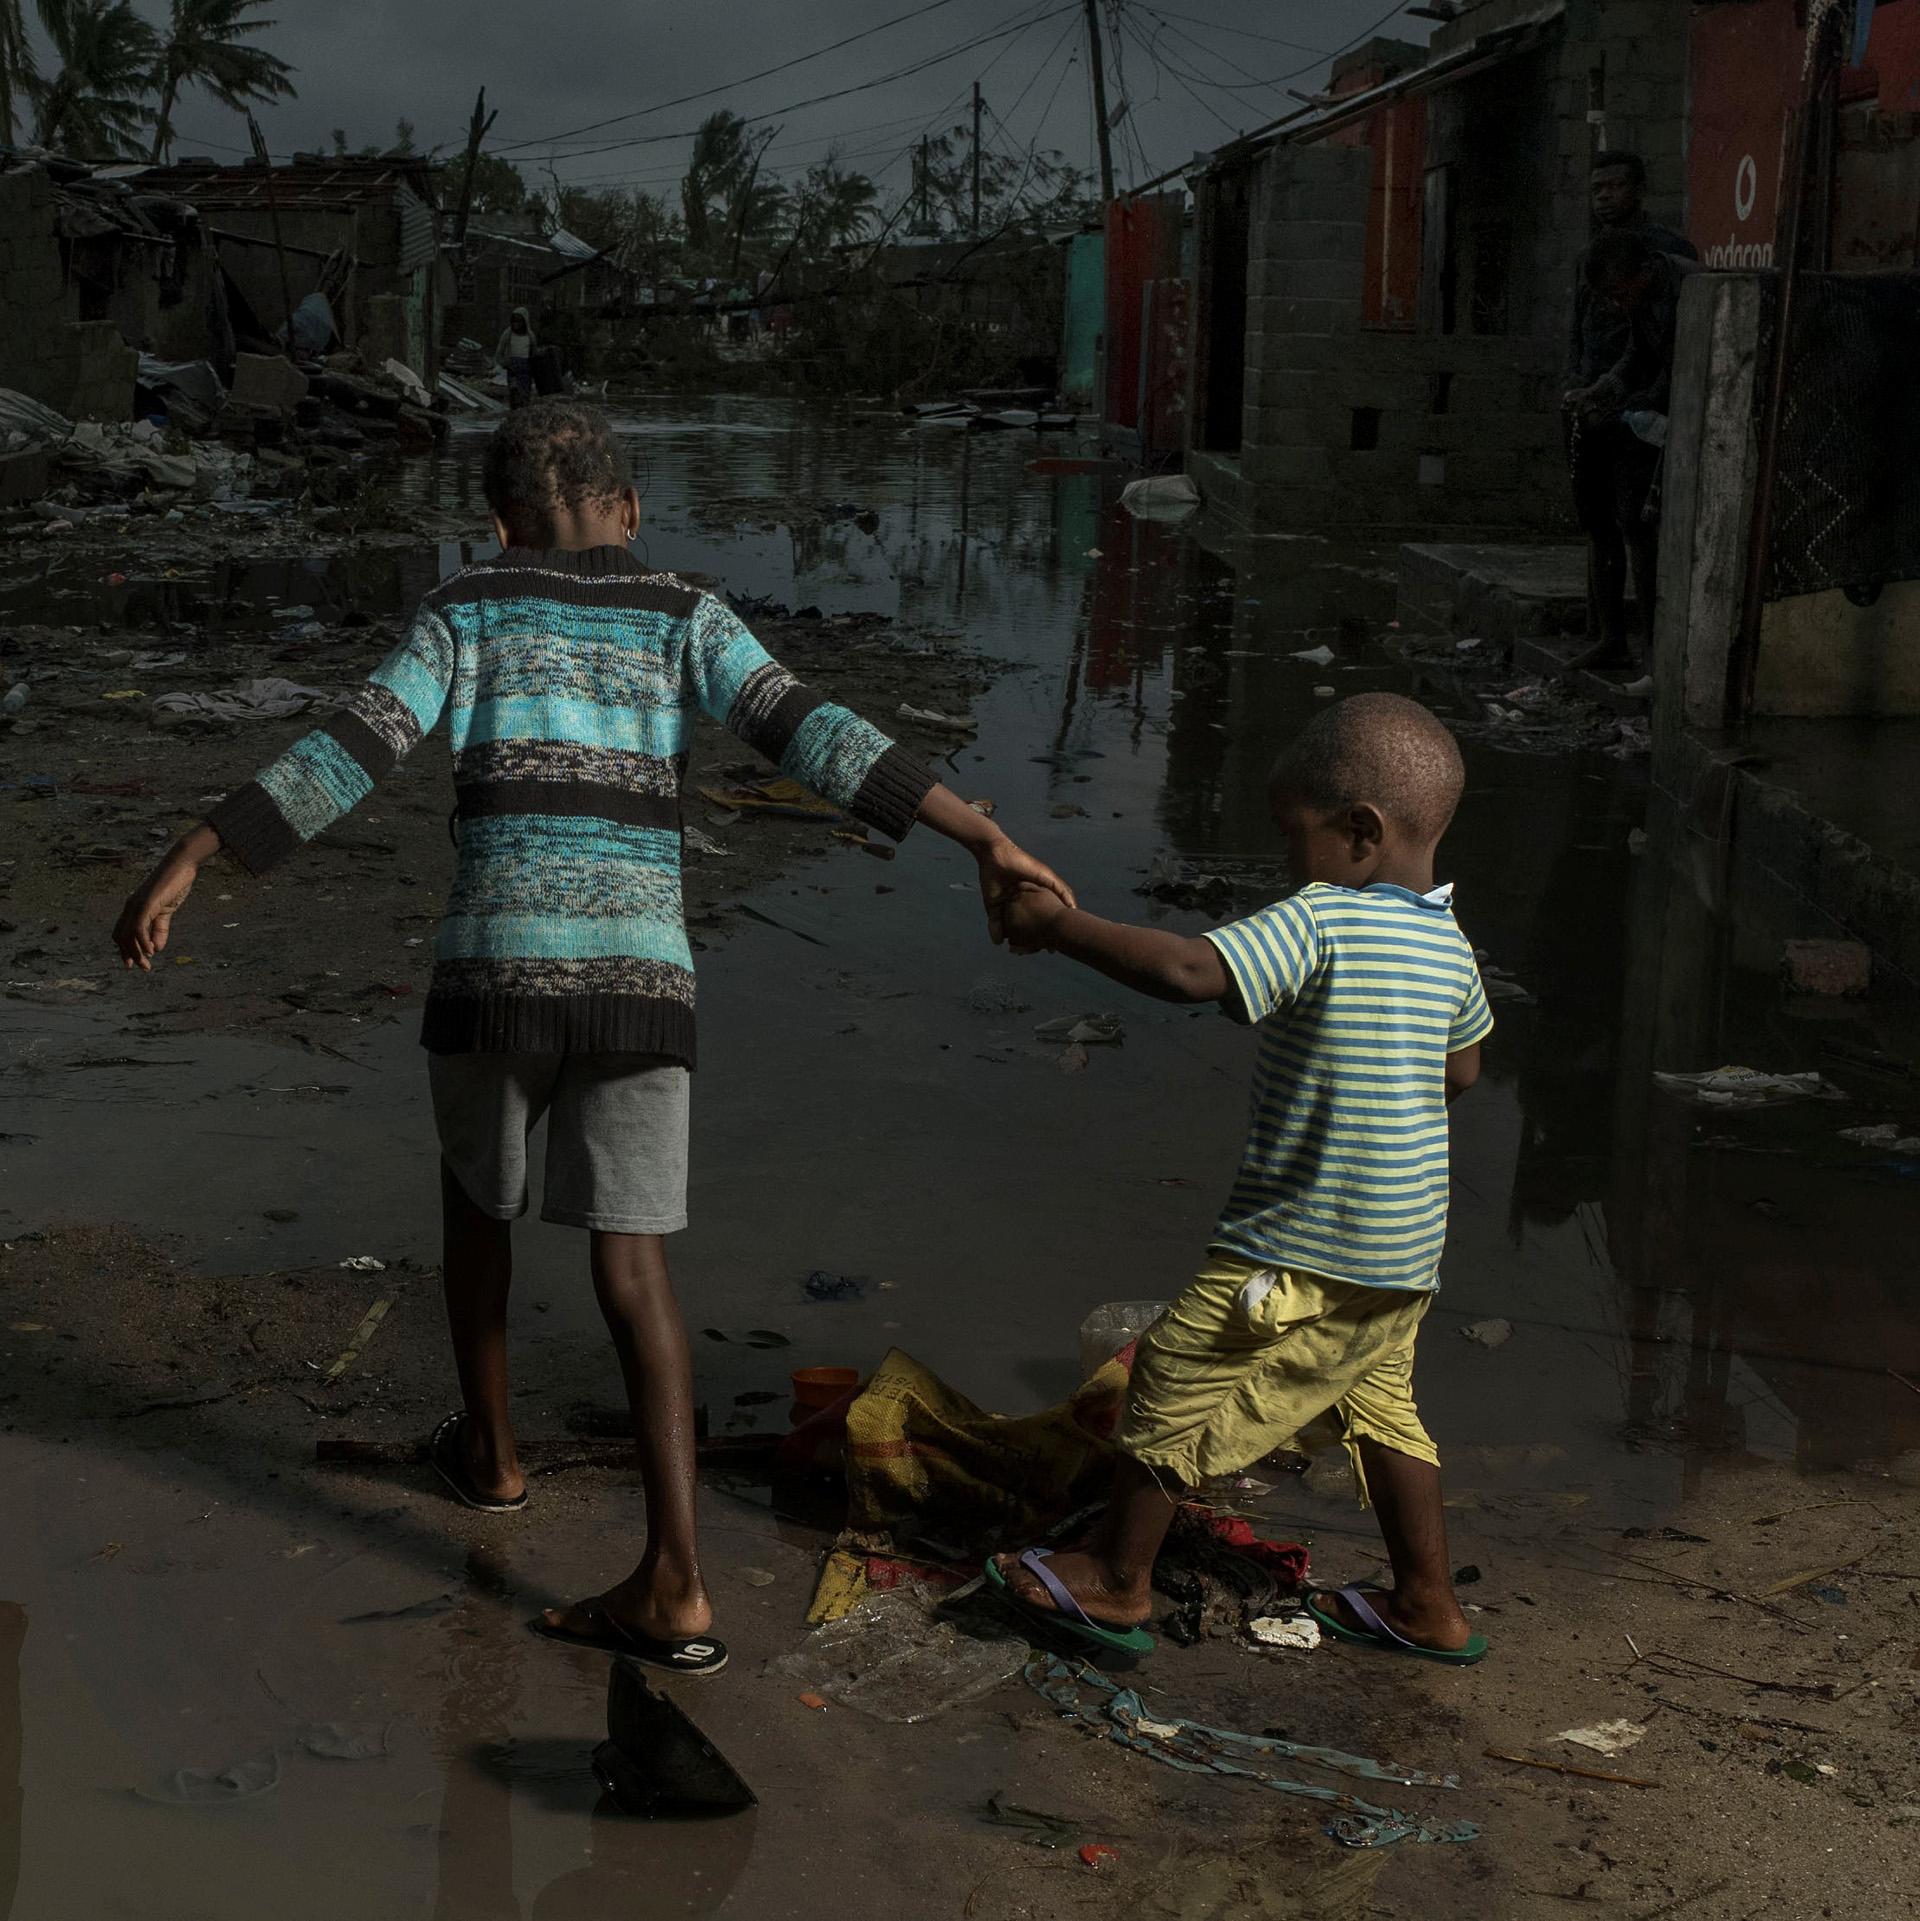 Niños caminan en medio de la devastación en Beira, Mozambique (Josh Estey/Care International via REUTERS)